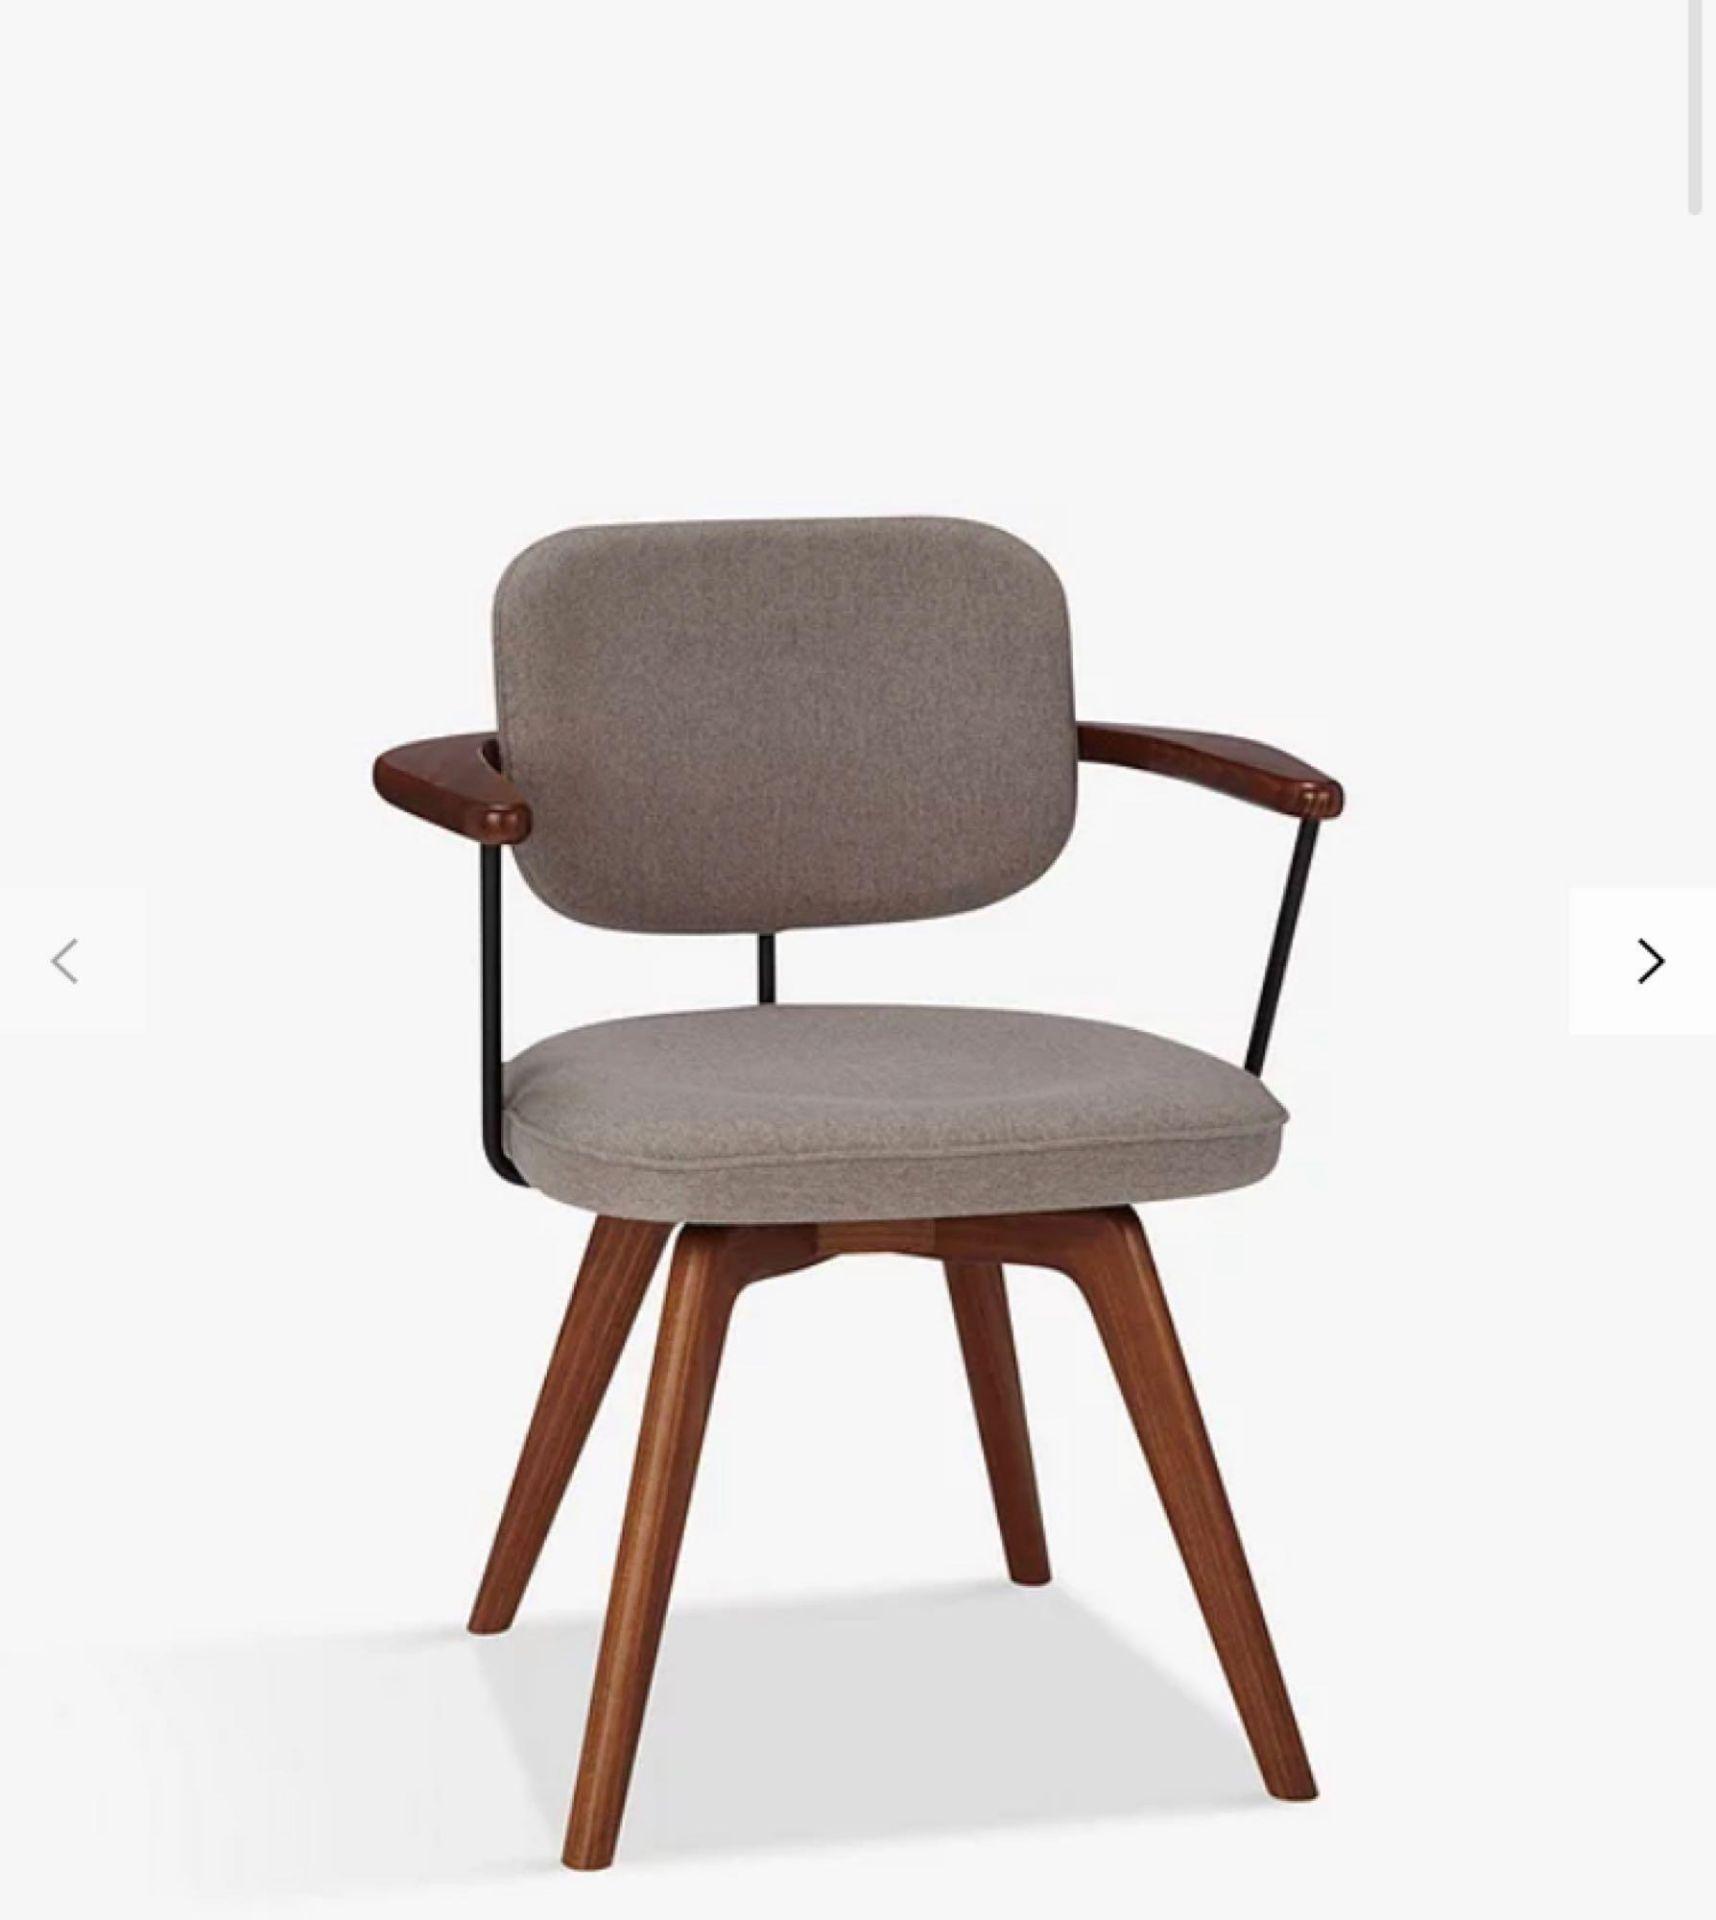 RRP £480 Unboxed John Lewis Soren Office Chair In Grey/Teak Wood